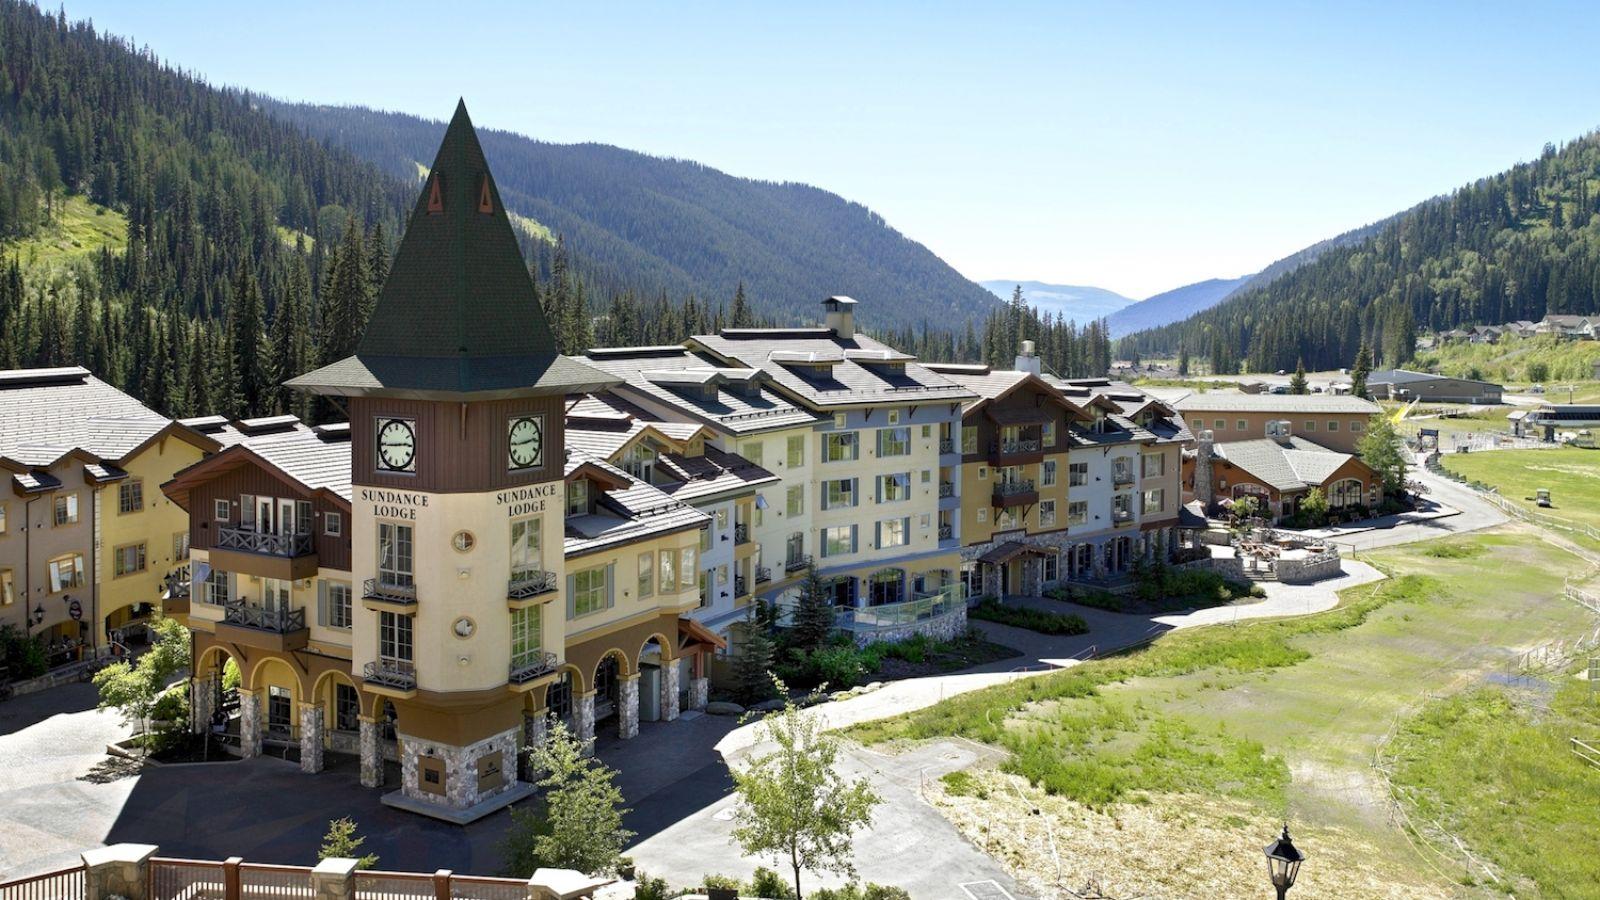 Coast Sundance Lodge - Sun Peaks